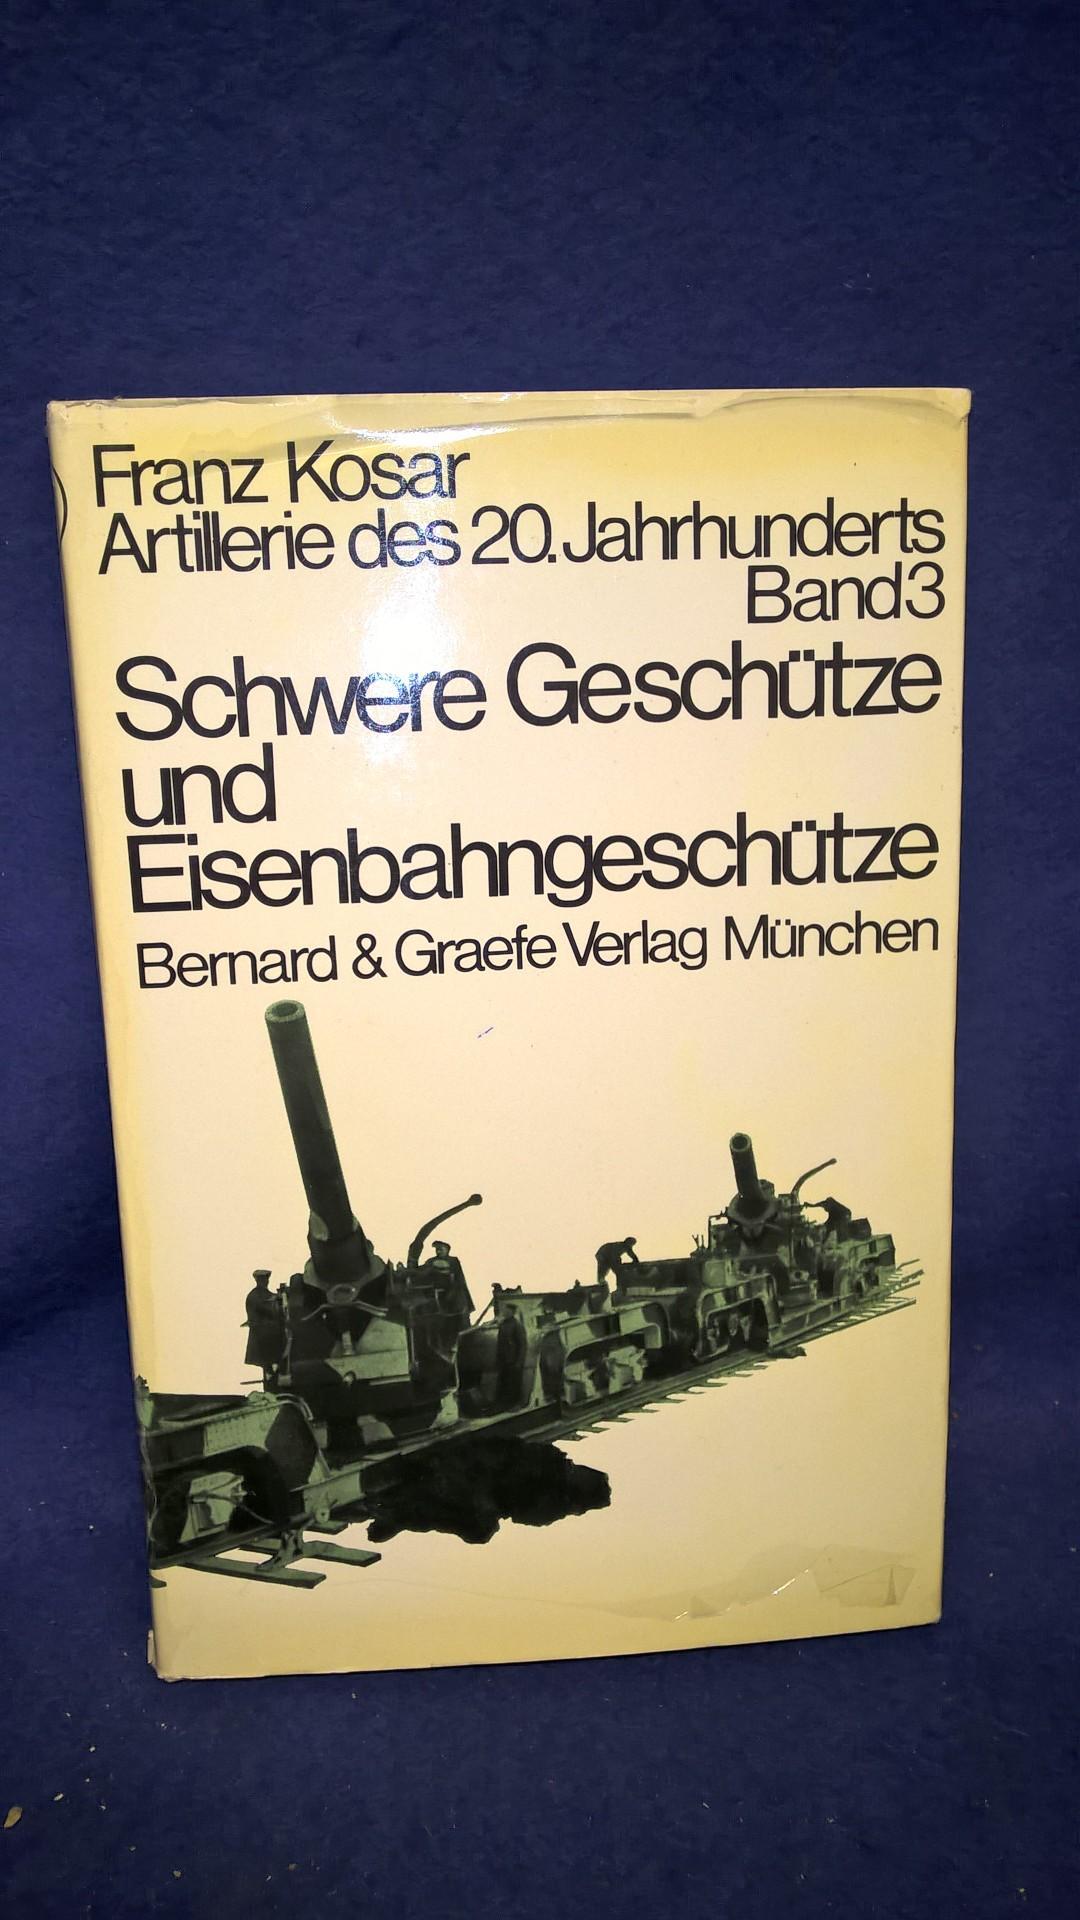 Artillerie des 20. Jahrhunderts Band 3 - Schwere Geschütze und Eisenbahngeschütze